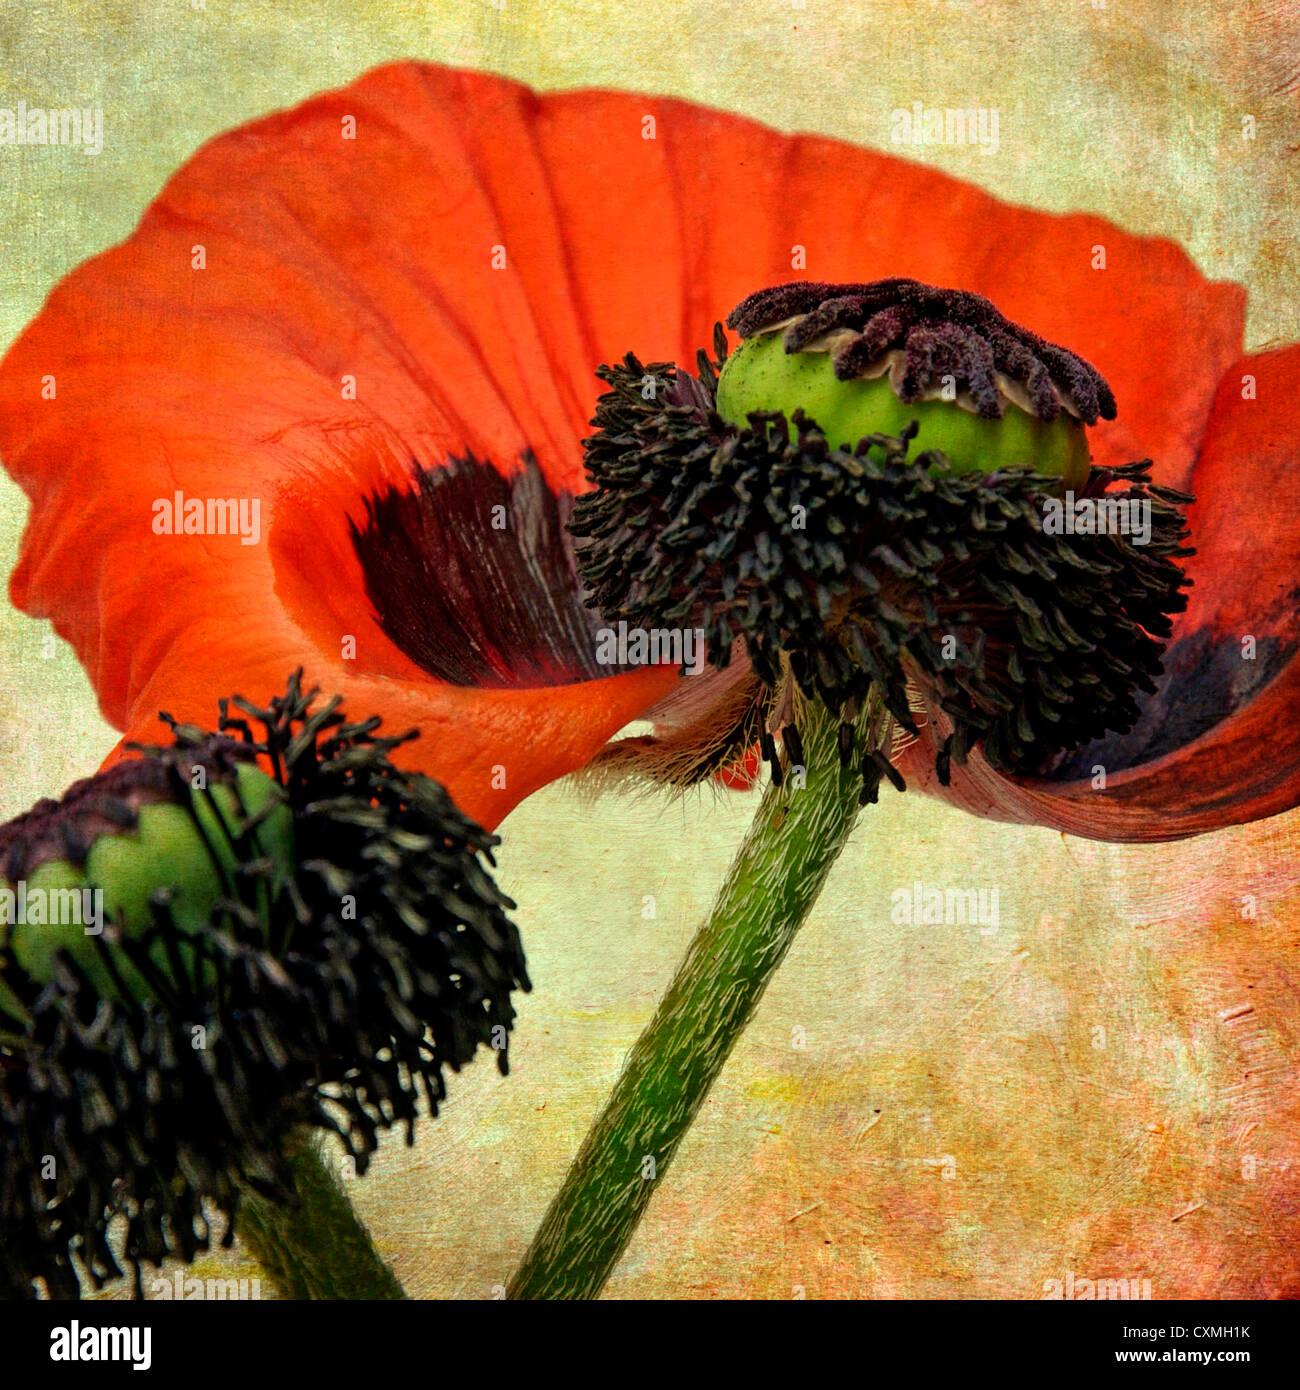 Flor de adormidera, de aspecto vintage, con textura efecto arte bodegón imagen Imagen De Stock